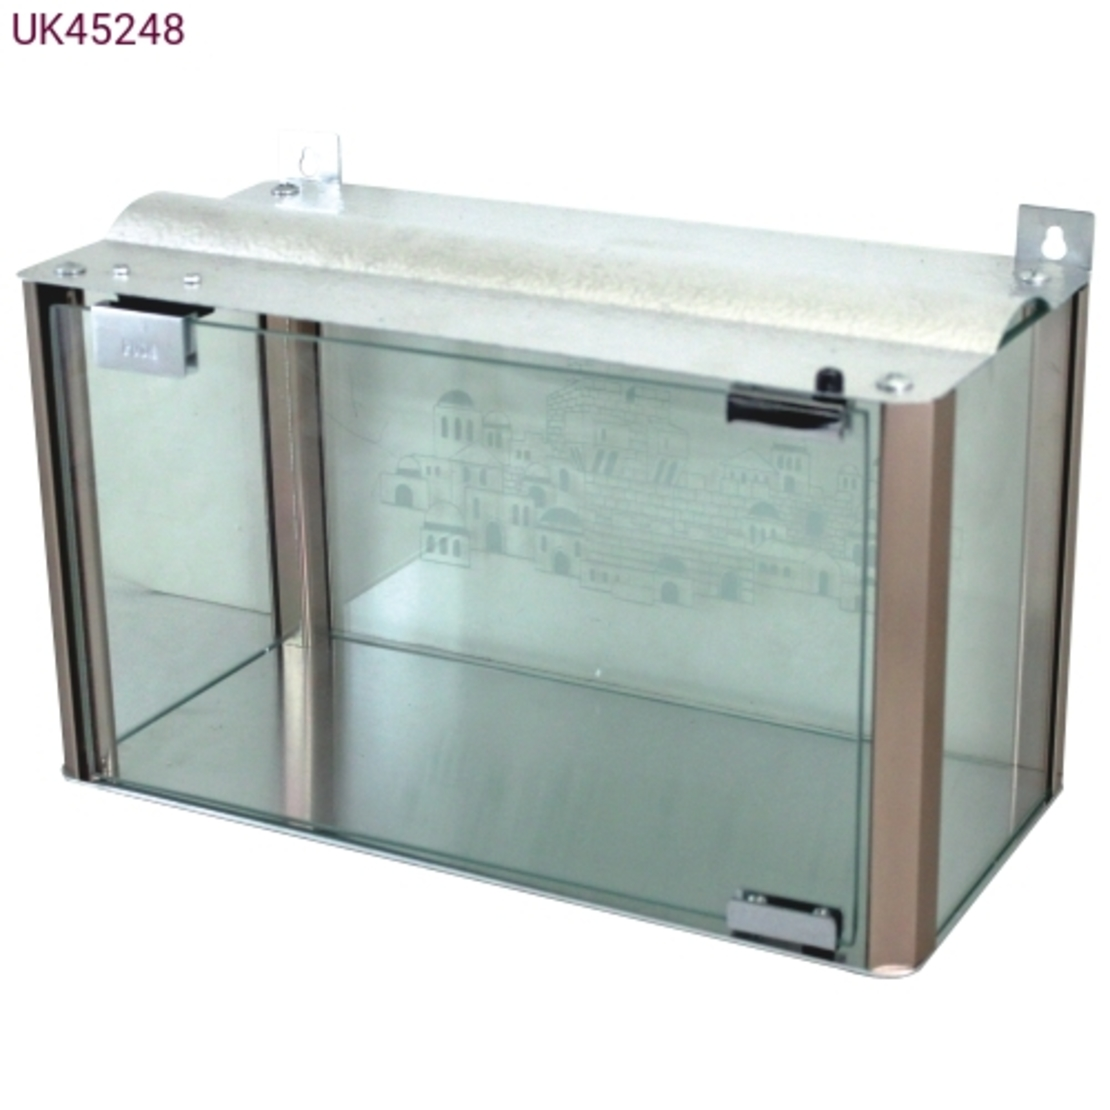 בית חנוכייה מהודר מאלומיניום וזכוכית - פרופילים בגוון נחושת 50X50X20 ס'מ